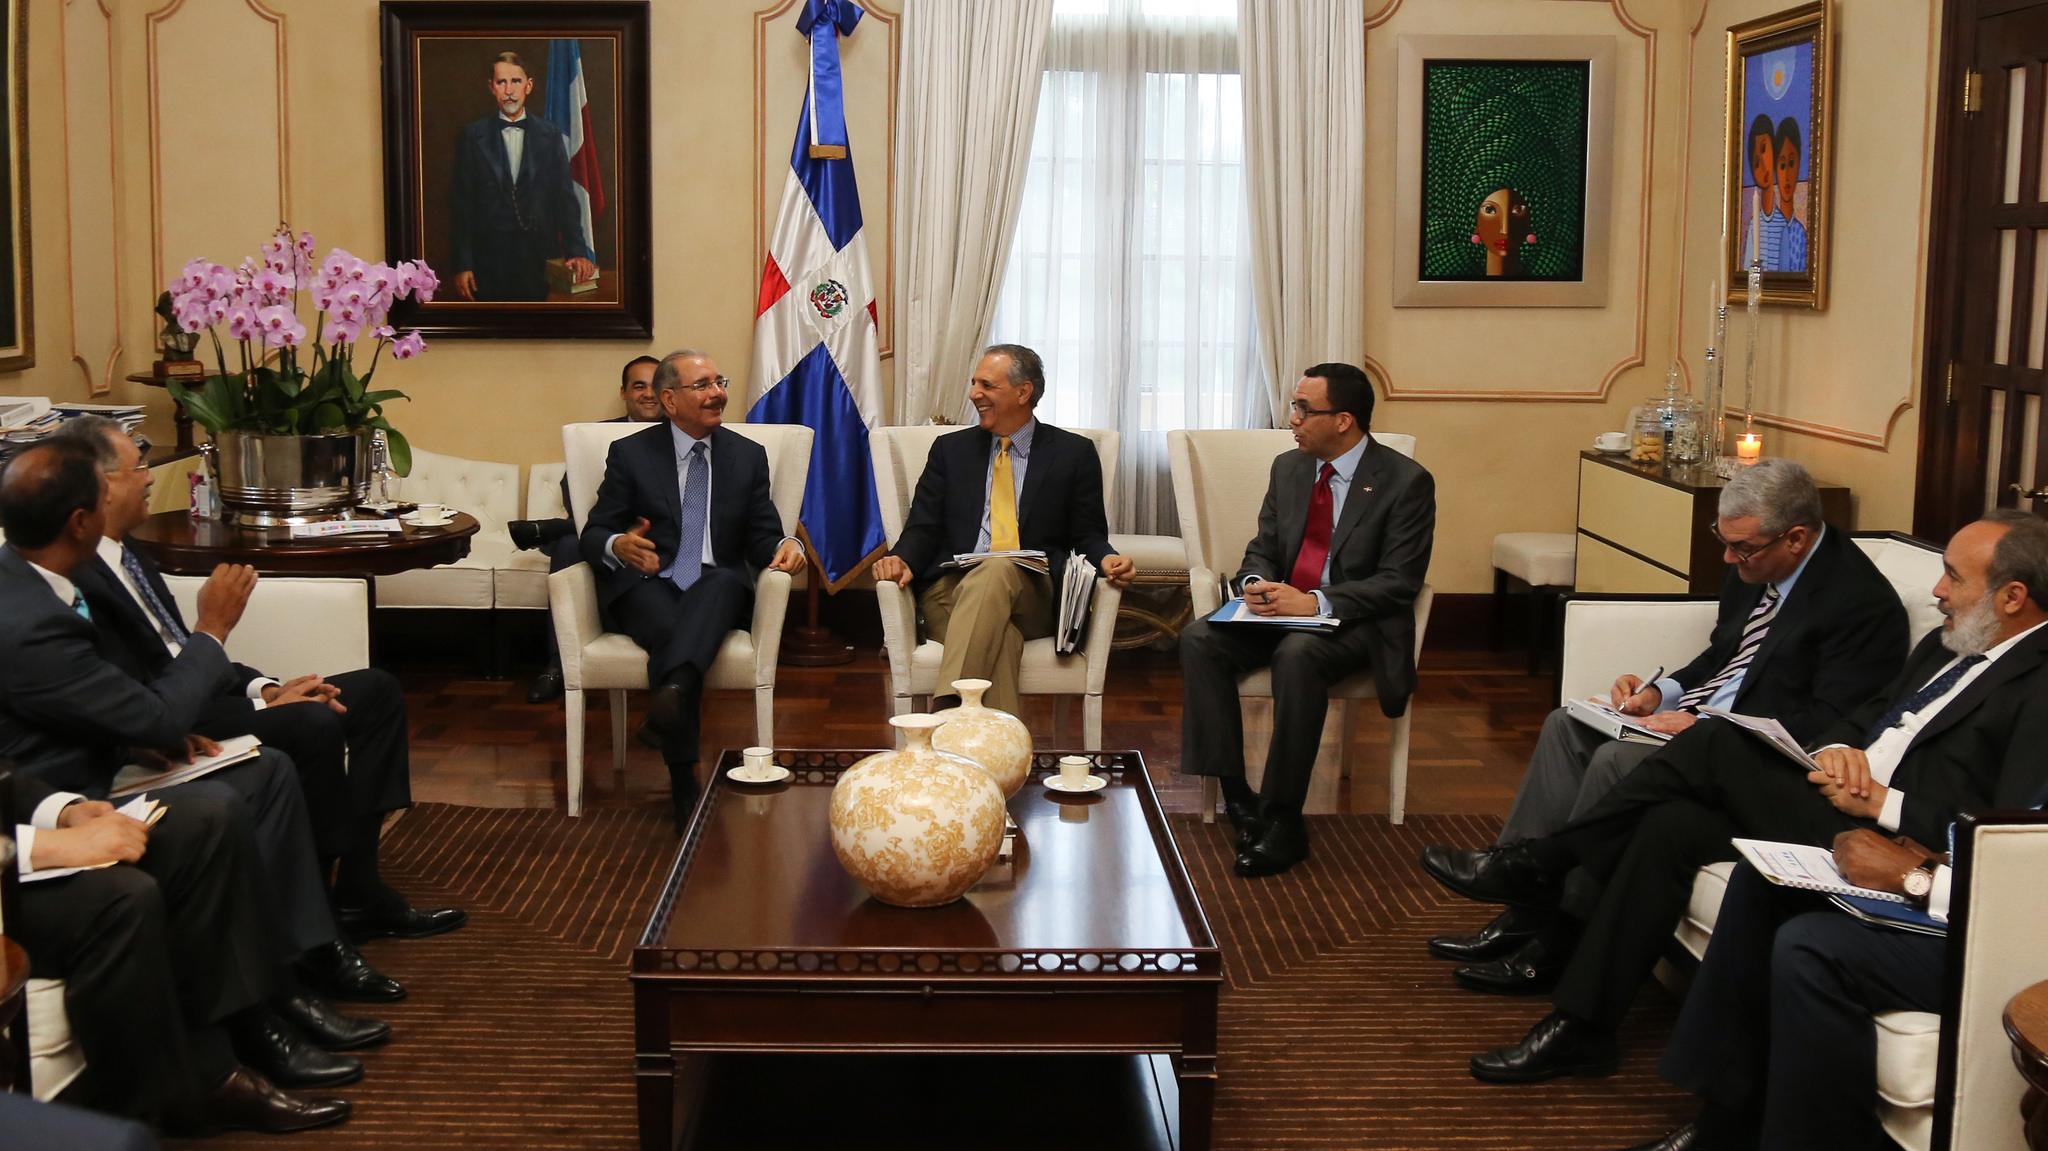 Resultado de imagen para Danilo medina se reune con funcionarios